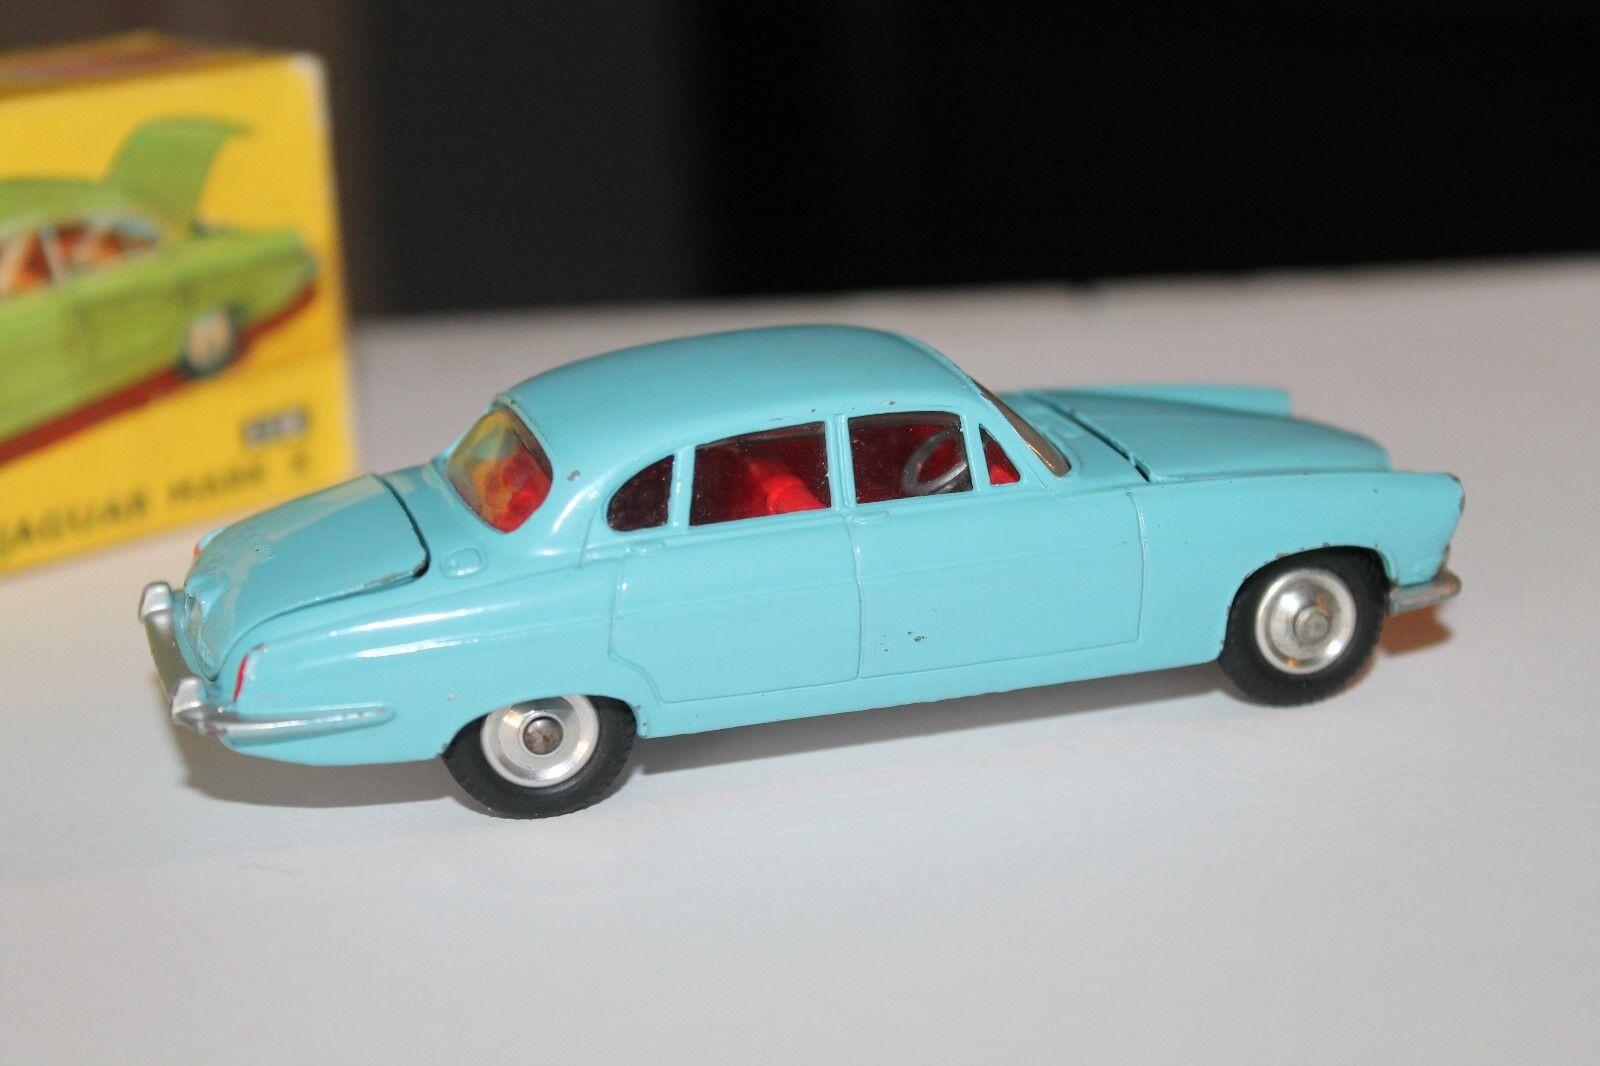 CORGI toys 238  Jaguar Mark x  1 43  1965  OVP